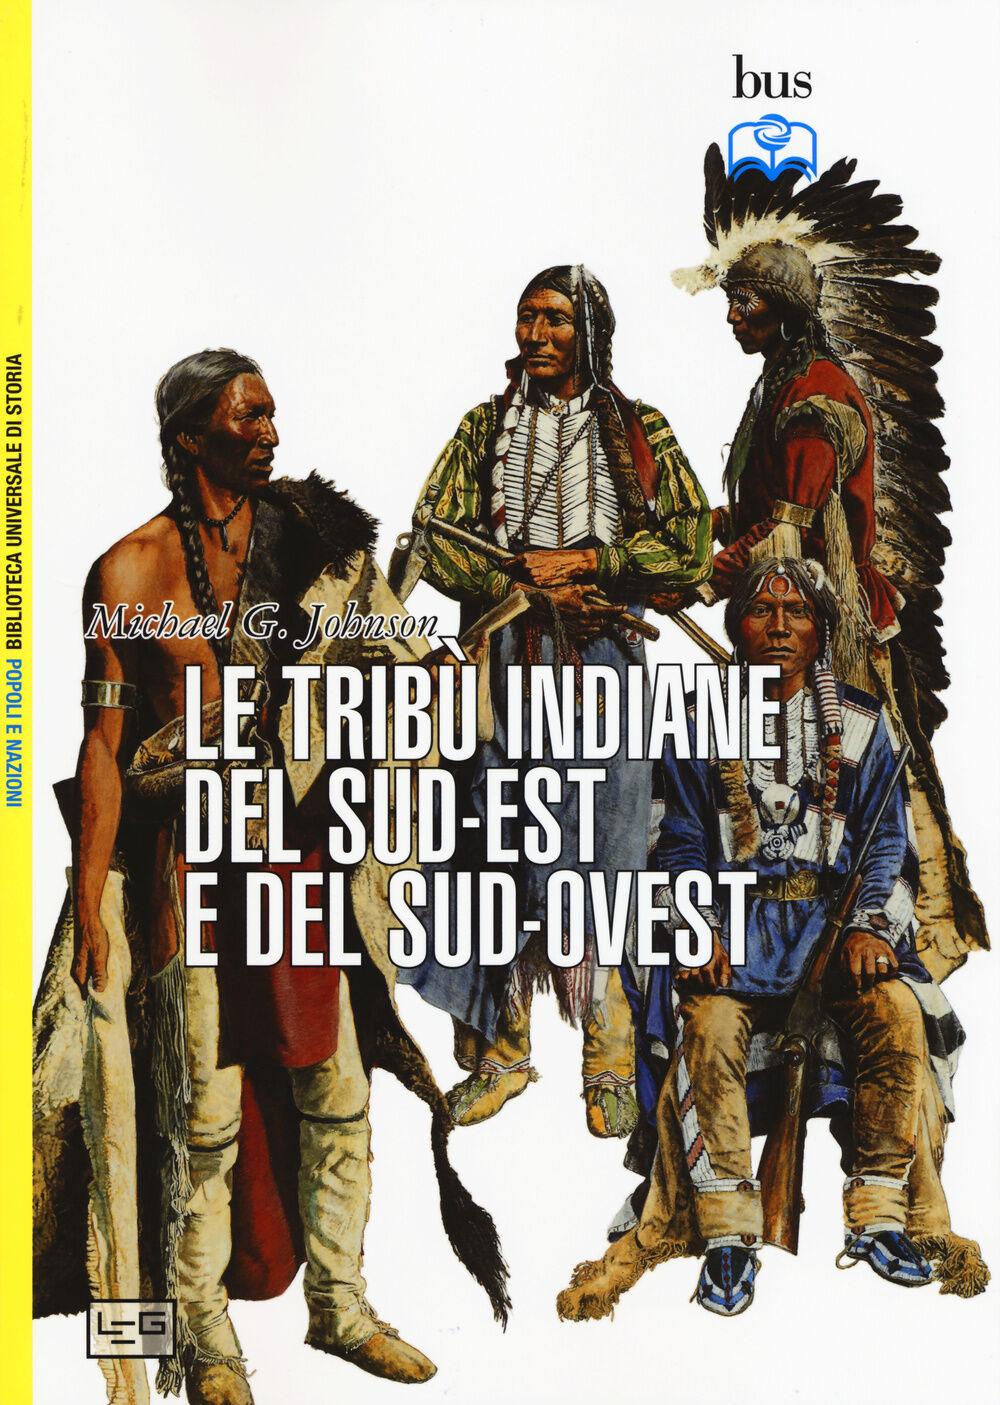 Le tribù indiane del sud-est e del sud-ovest